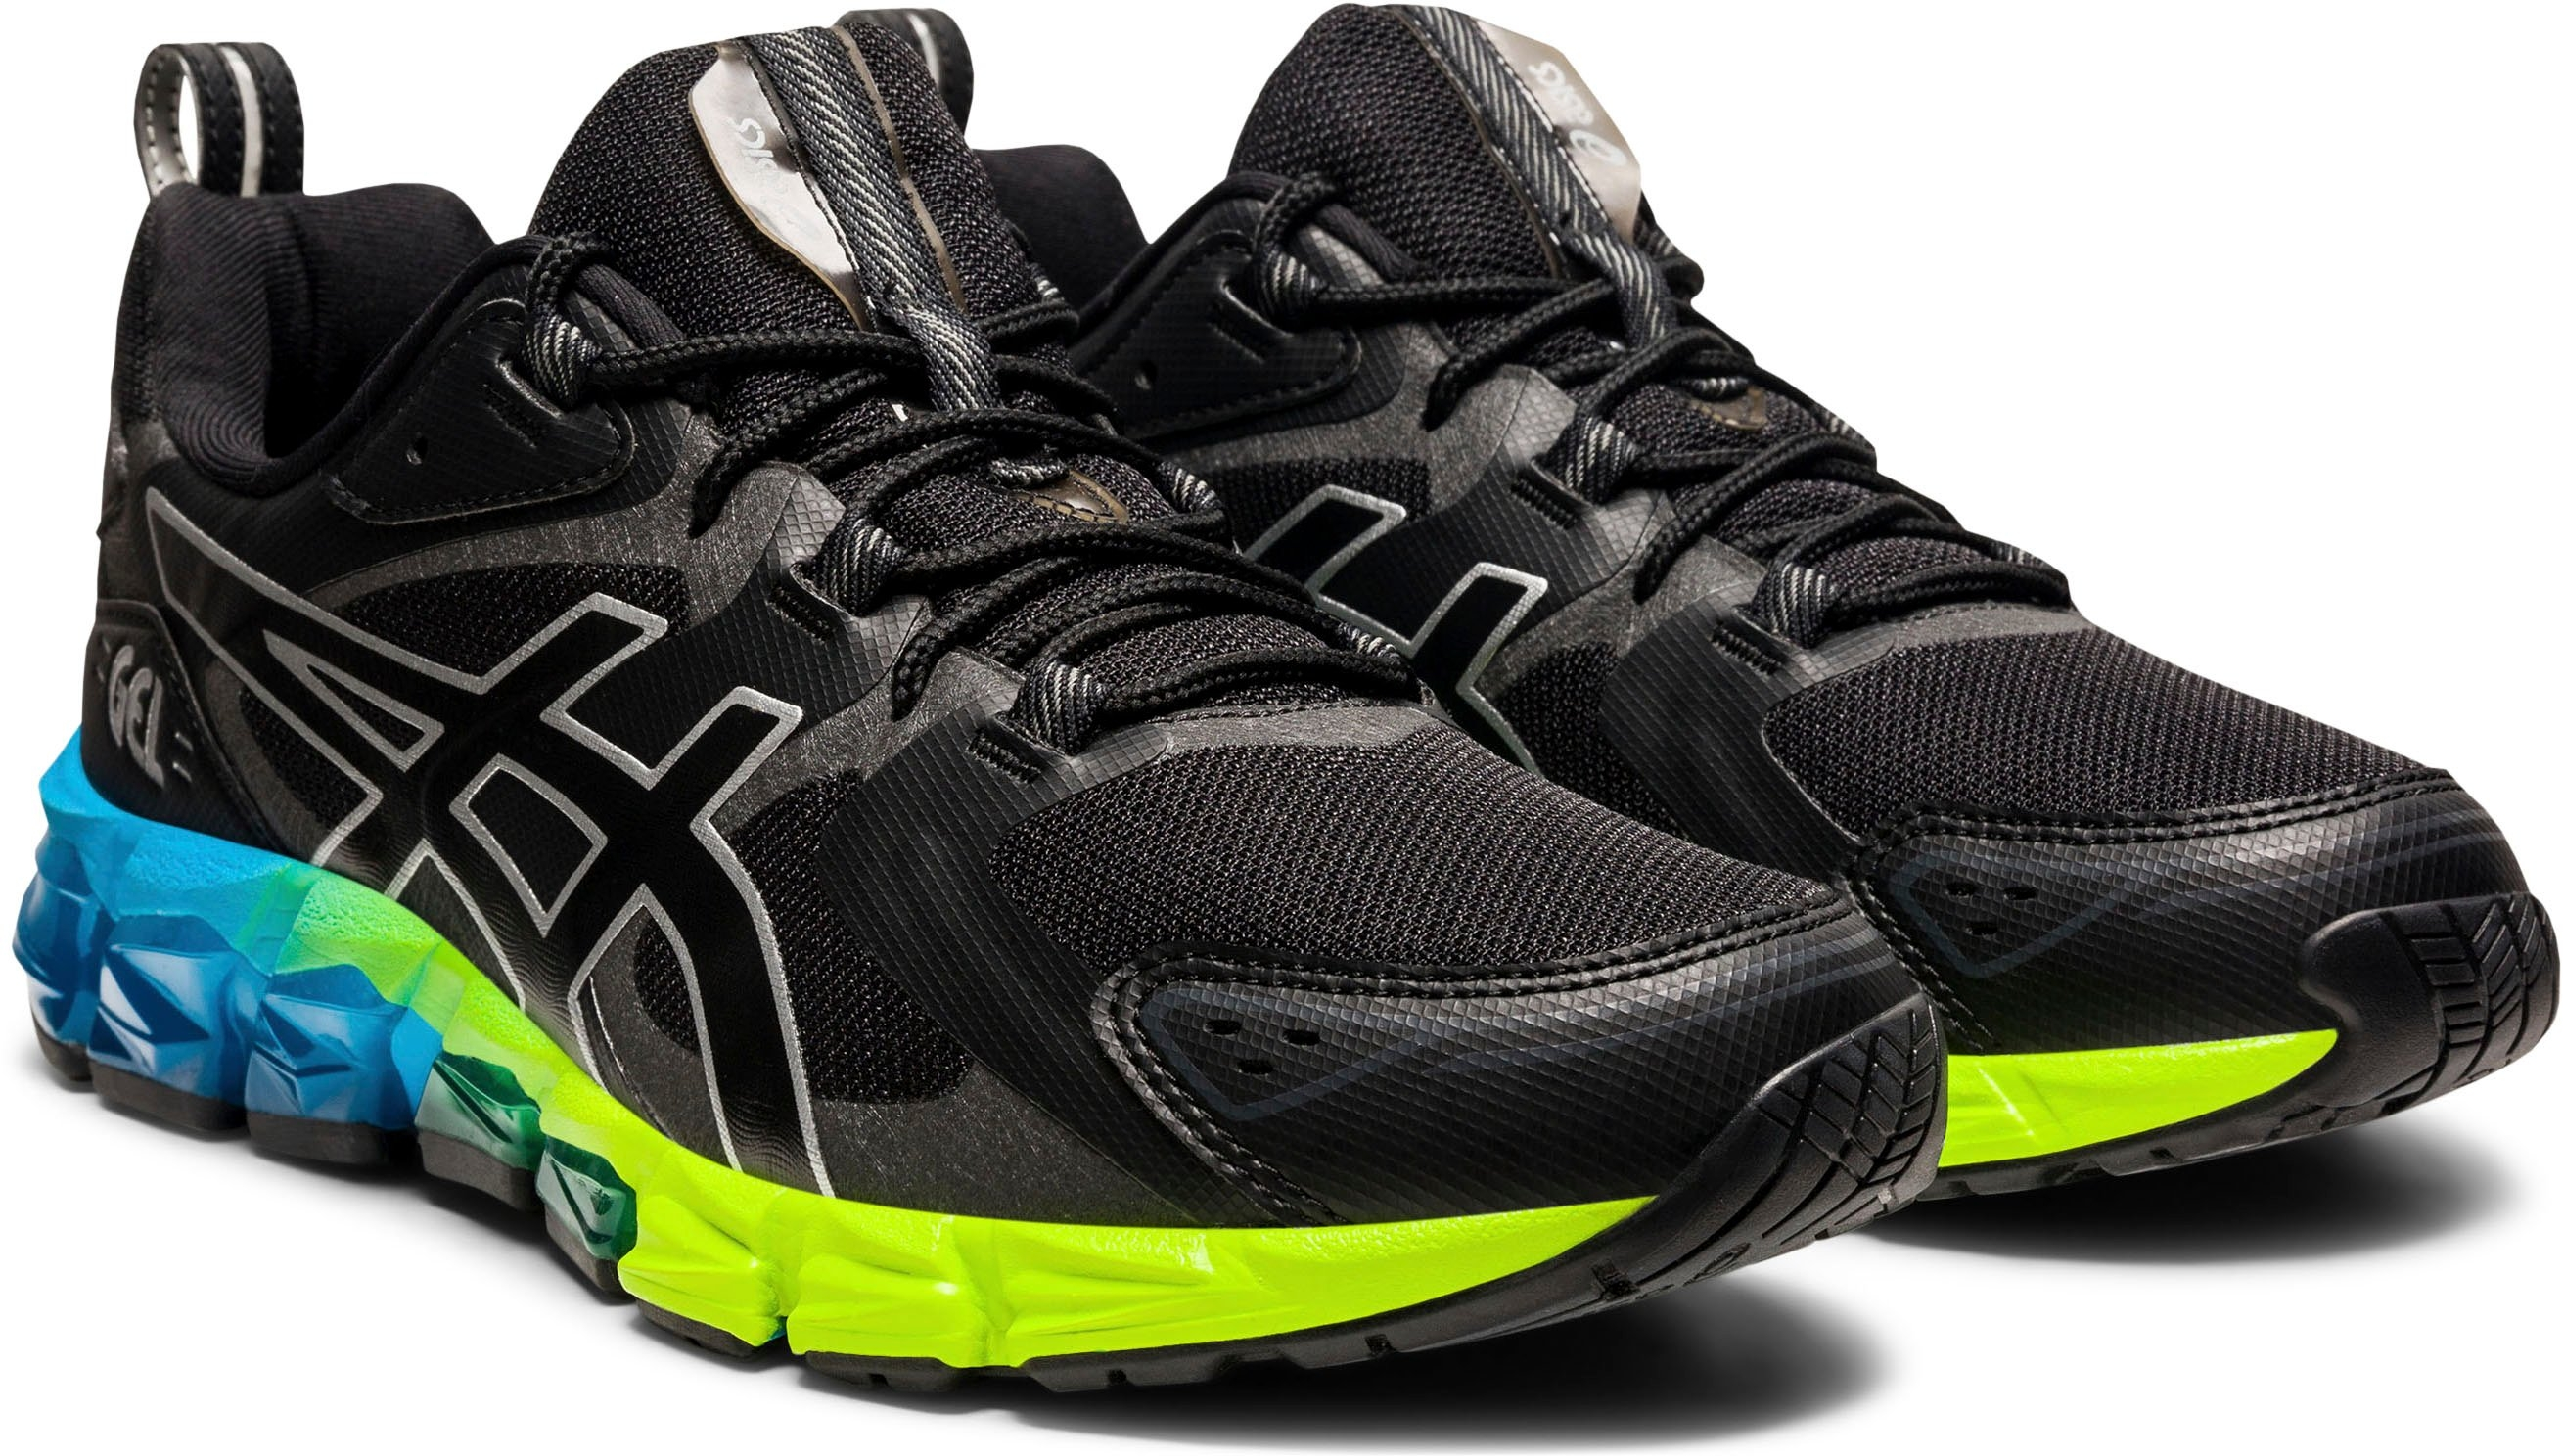 ASICS tiger sneakers GEL-QUANTUM 180 bestellen: 30 dagen bedenktijd